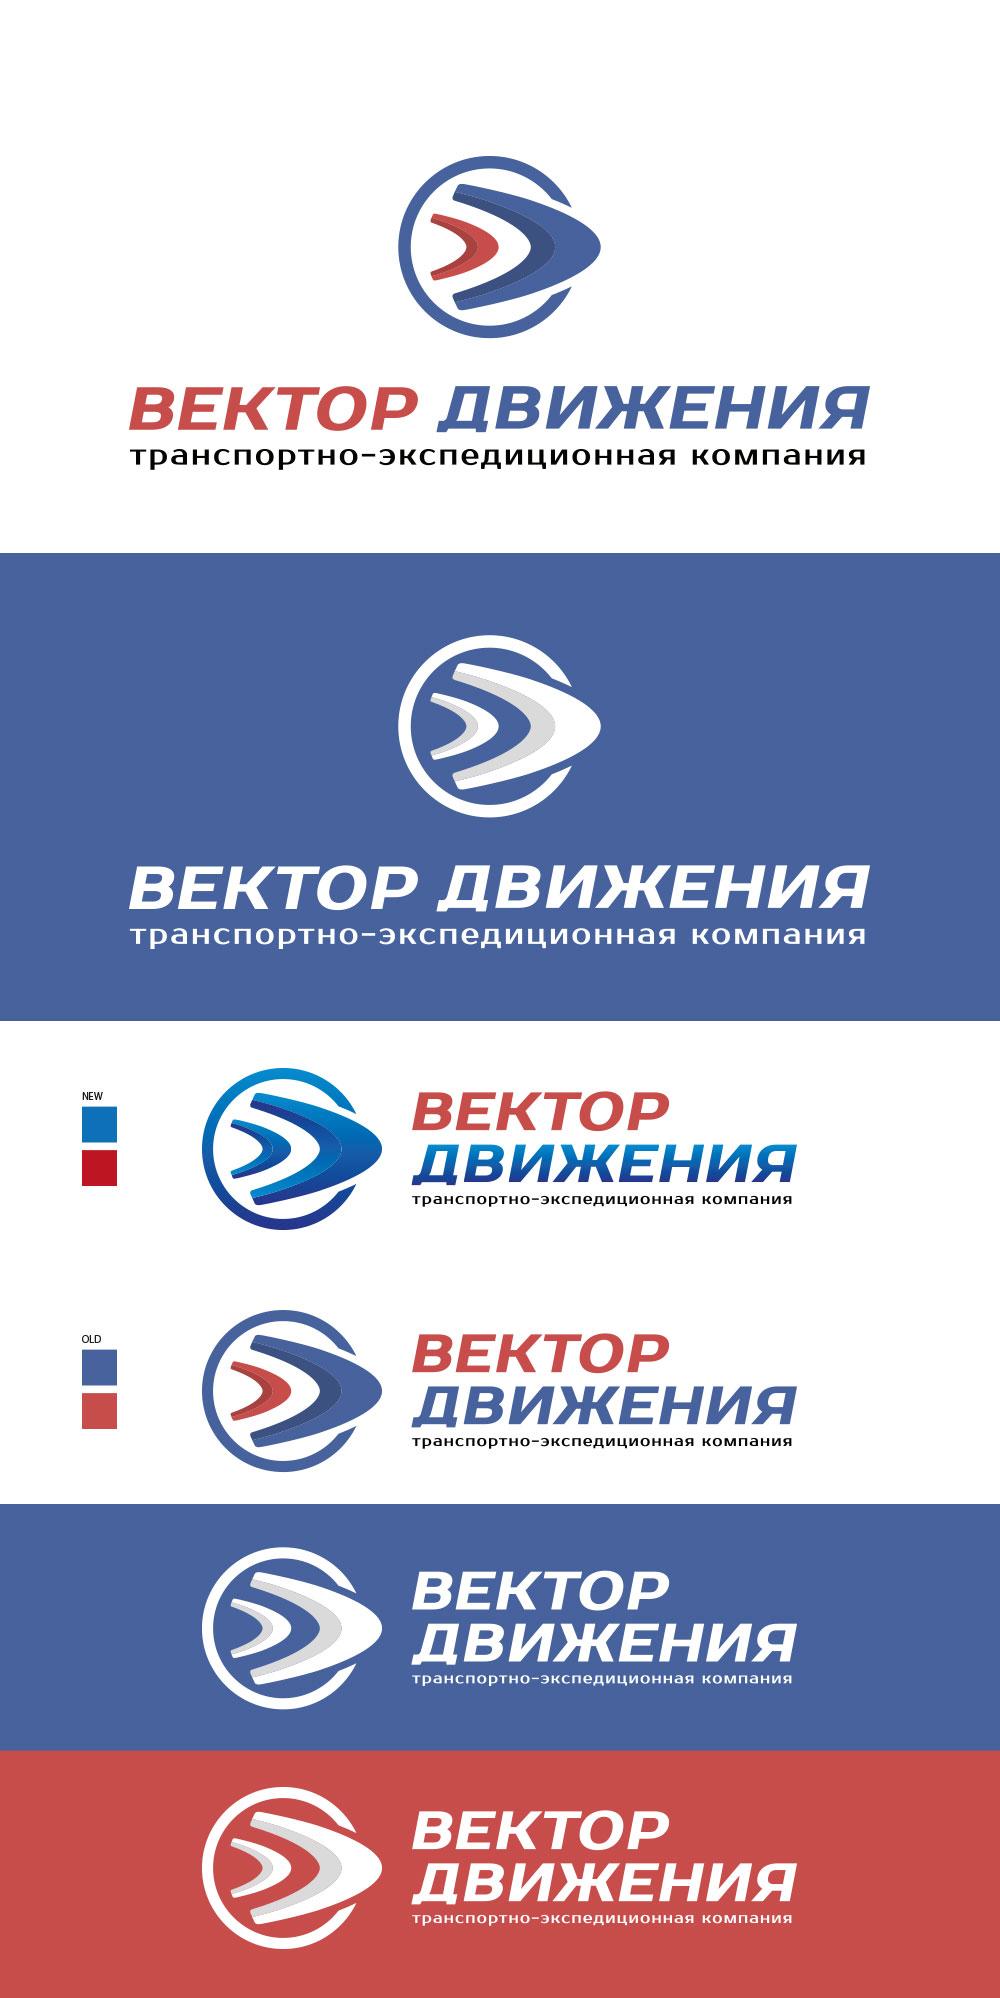 Разработка логотипа фото f_3025c364022e068c.jpg